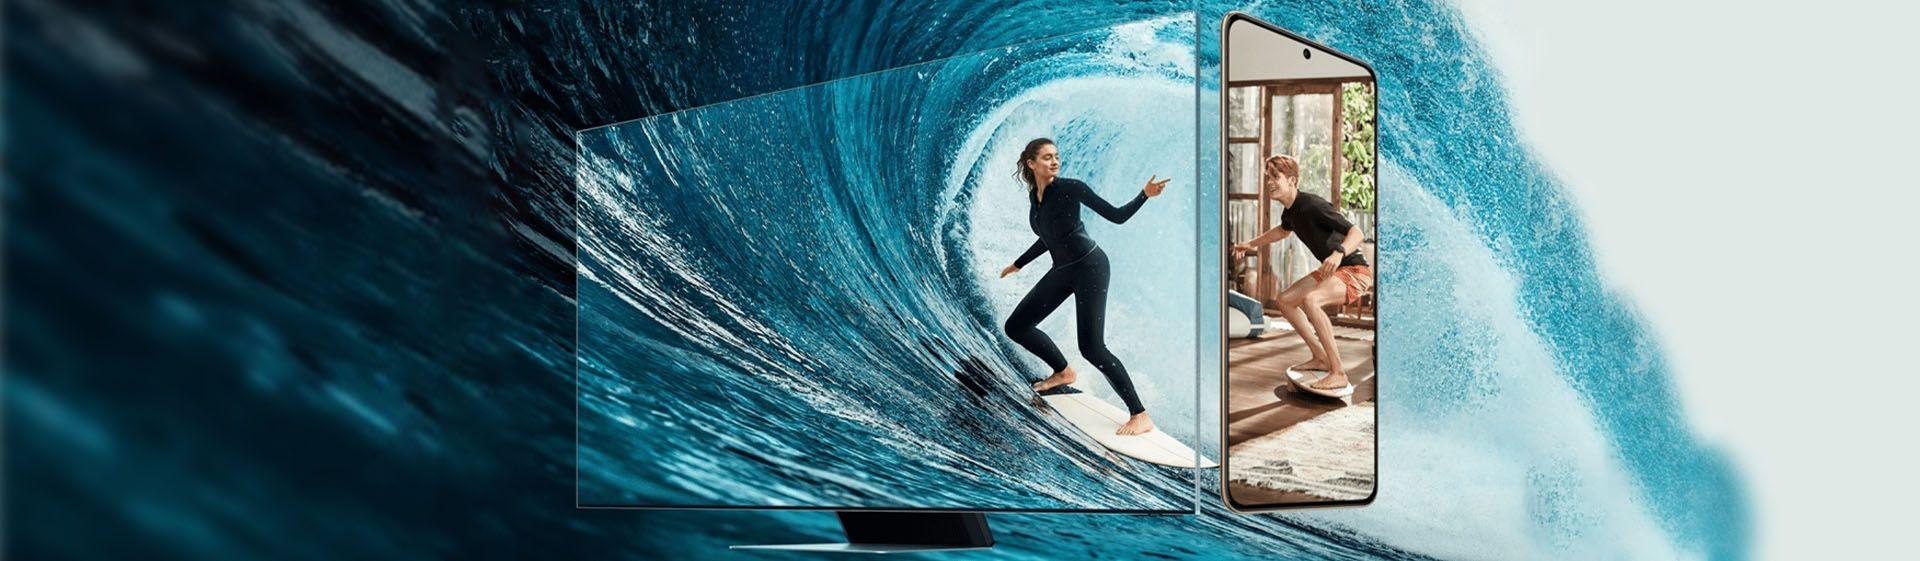 Samsung lança pacote com TV Neo QLED 8K e smartphone Galaxy S21